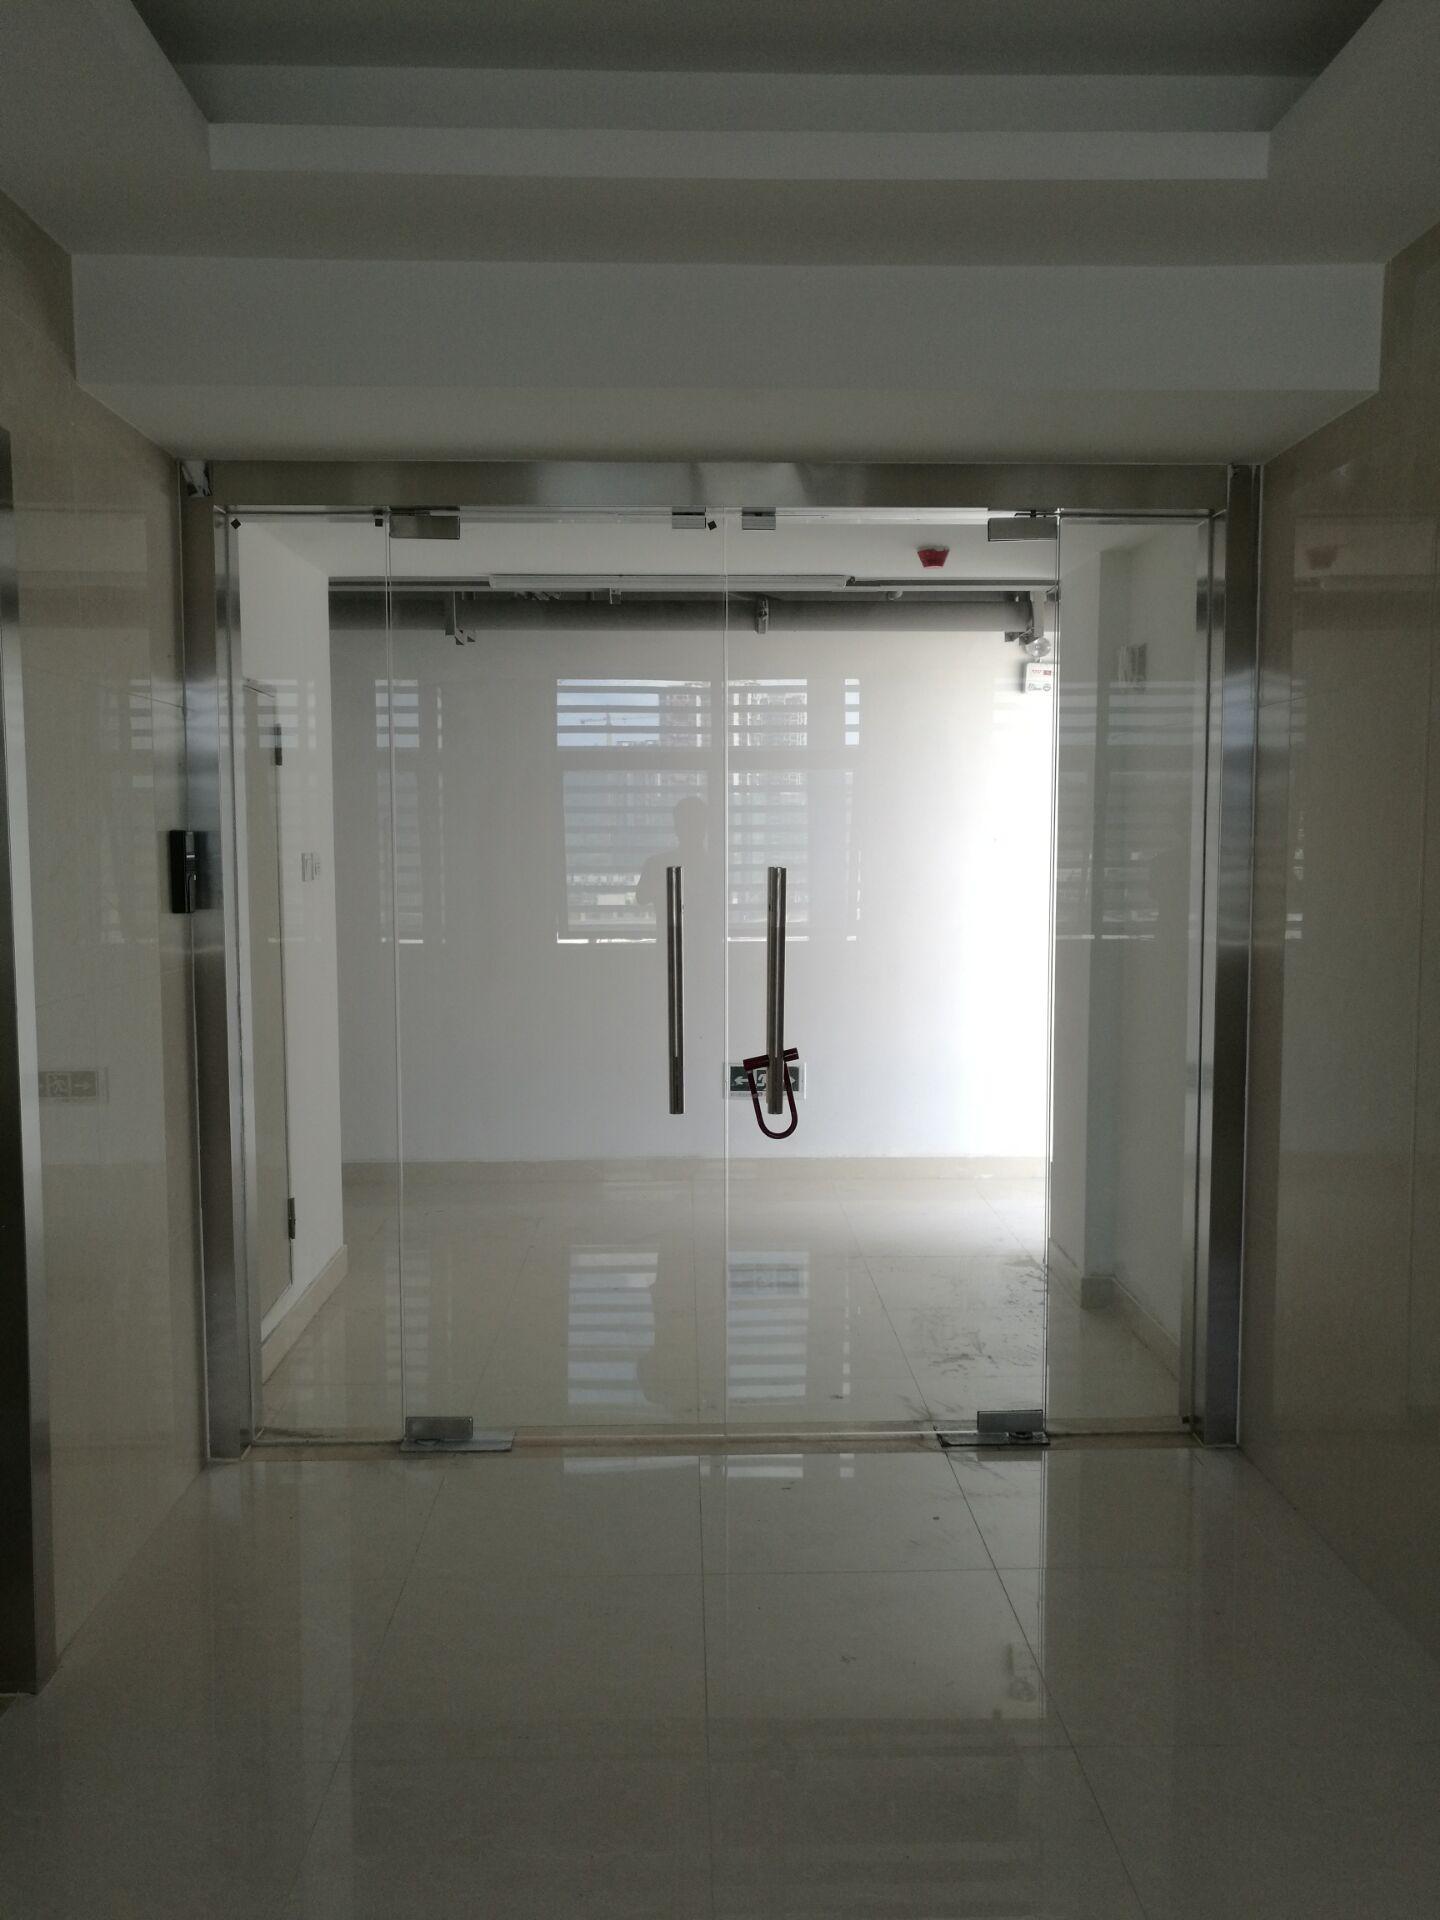 深圳市龙岗区大运新城园区开发有限公司门禁系统3套安装